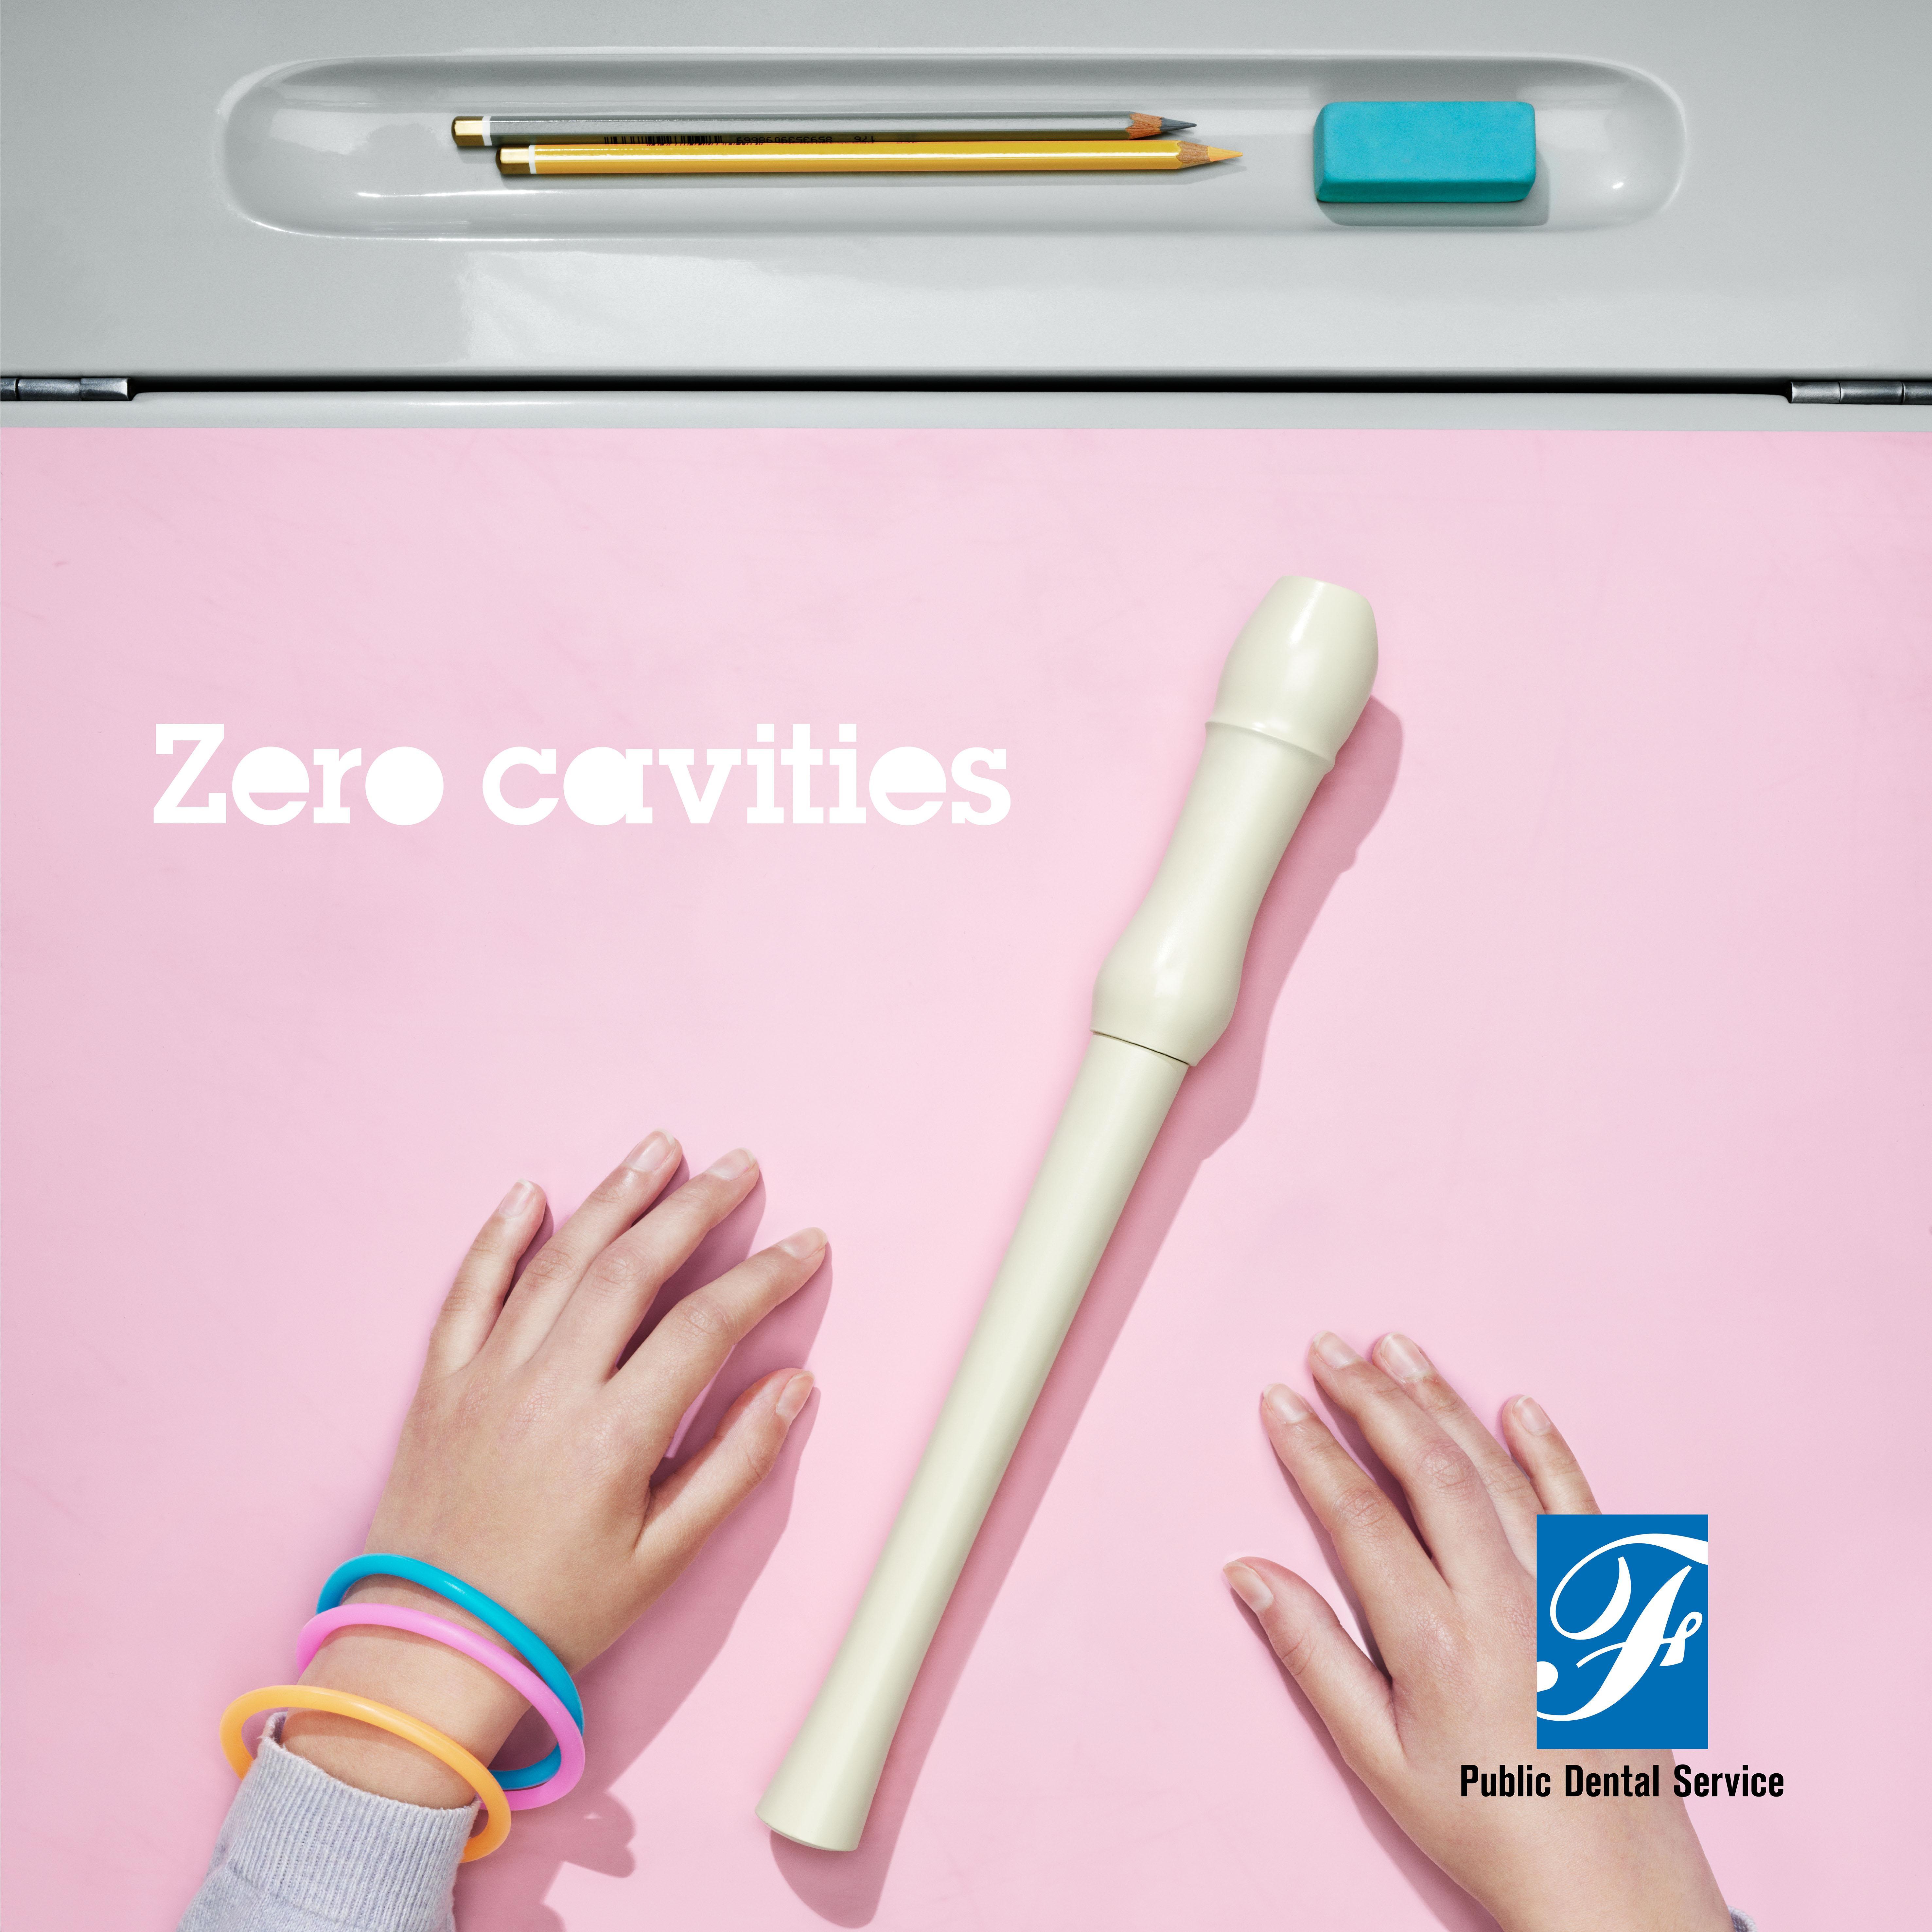 Folktandvården Print Ad - Flute